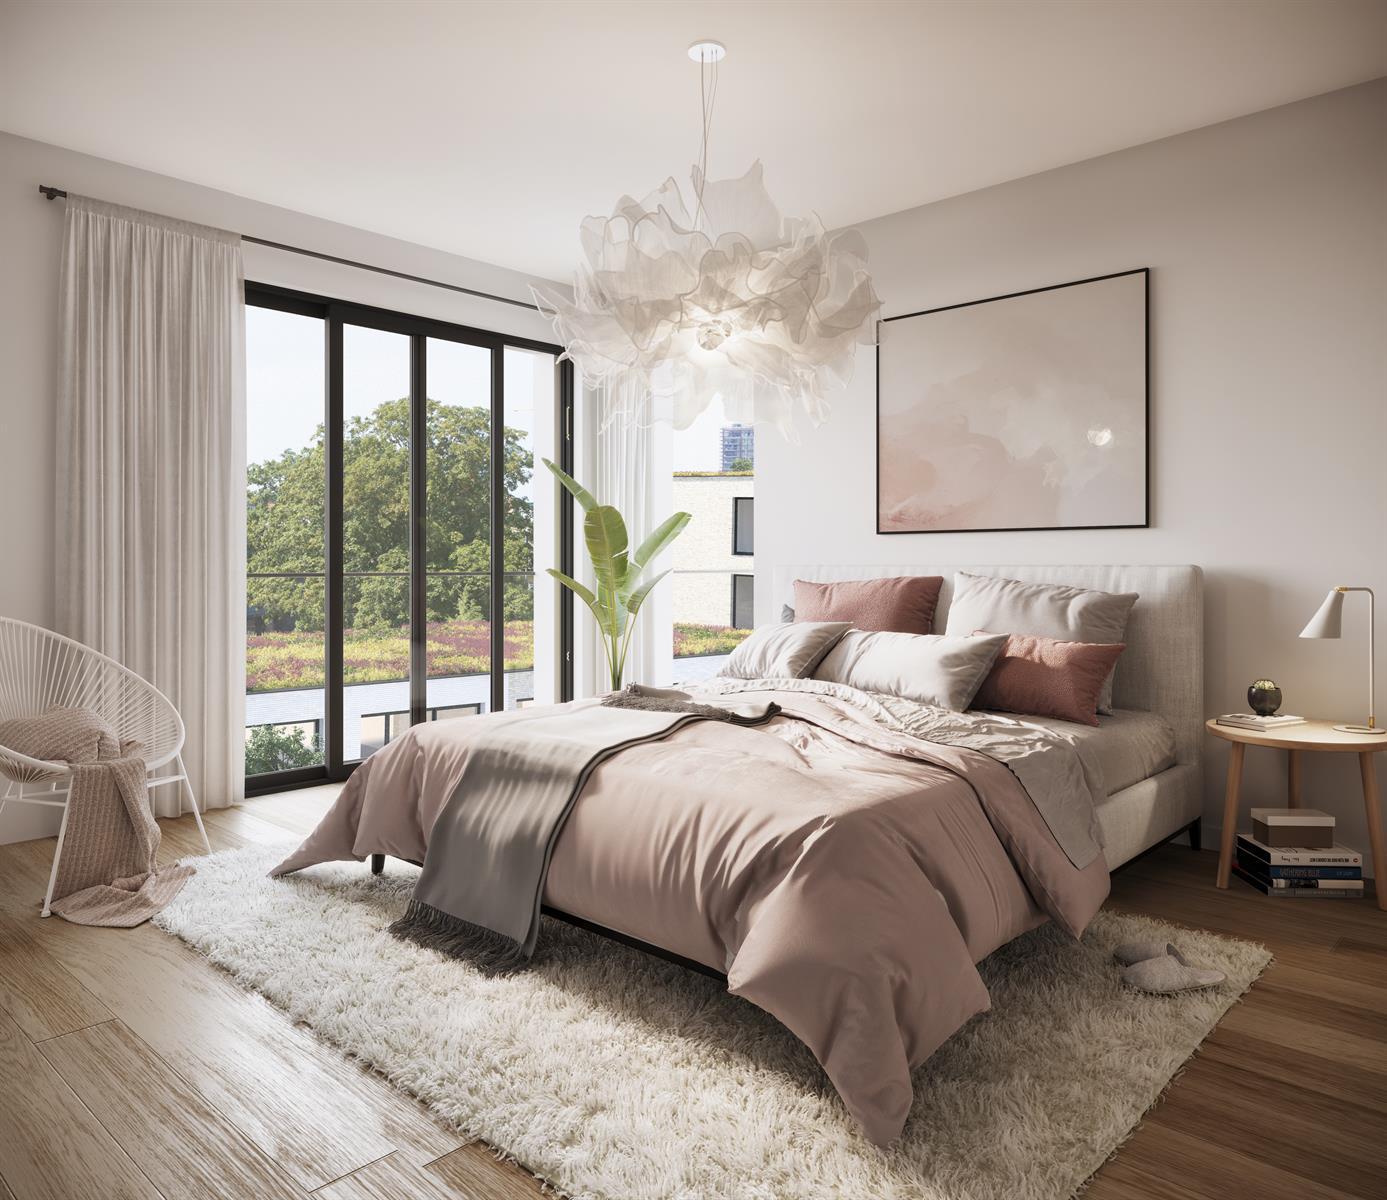 Te koop, Appartement, Gent, Project Nieuwland - Appartementen - Nieuwland 54 - Gent